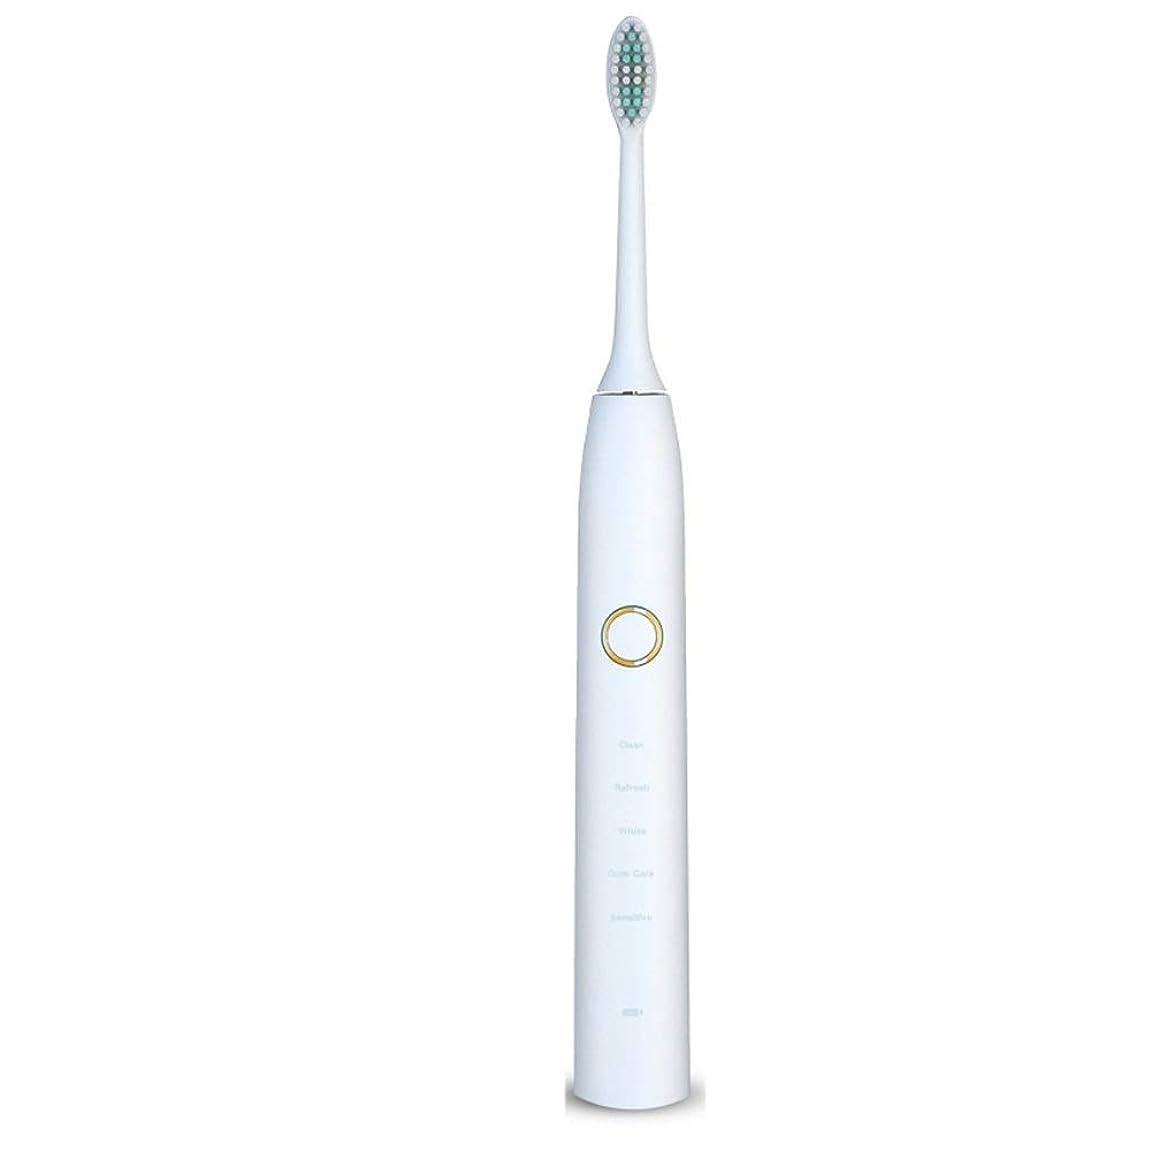 在庫アルカイックシンプルさ電動歯ブラシUSB充電式ソフトヘア保護クリーンホワイトニング歯ブラシ 完全な口腔ケアのために (色 : 白, サイズ : Free size)